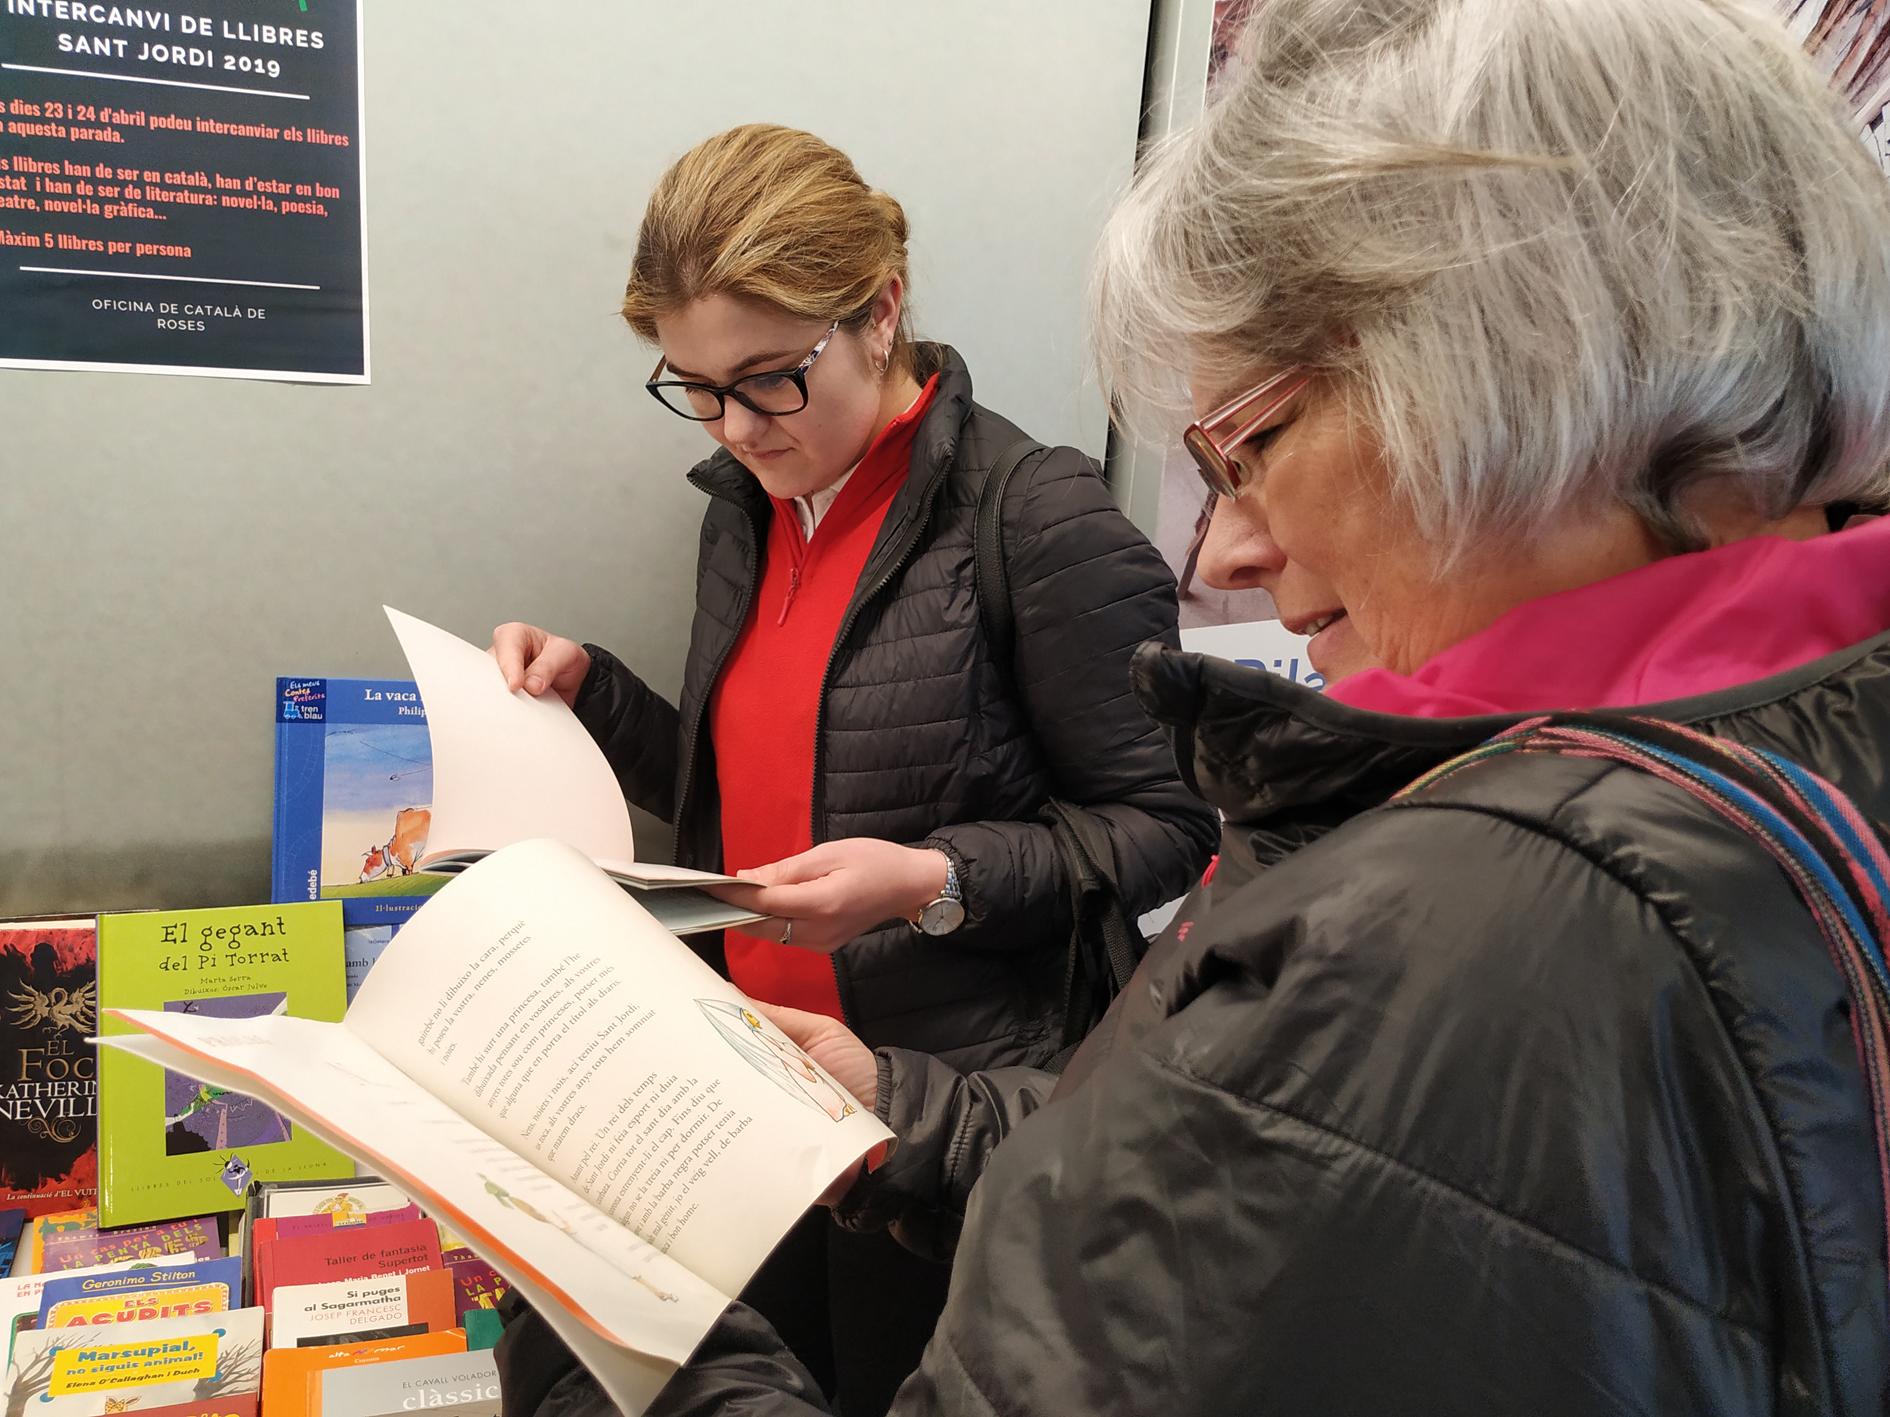 Intercanvi de llibres, lectures i llegendes, jocs de llengua i cultura catalana, eixos d'aquest Sant Jordi a l'Oficina de Català de Roses